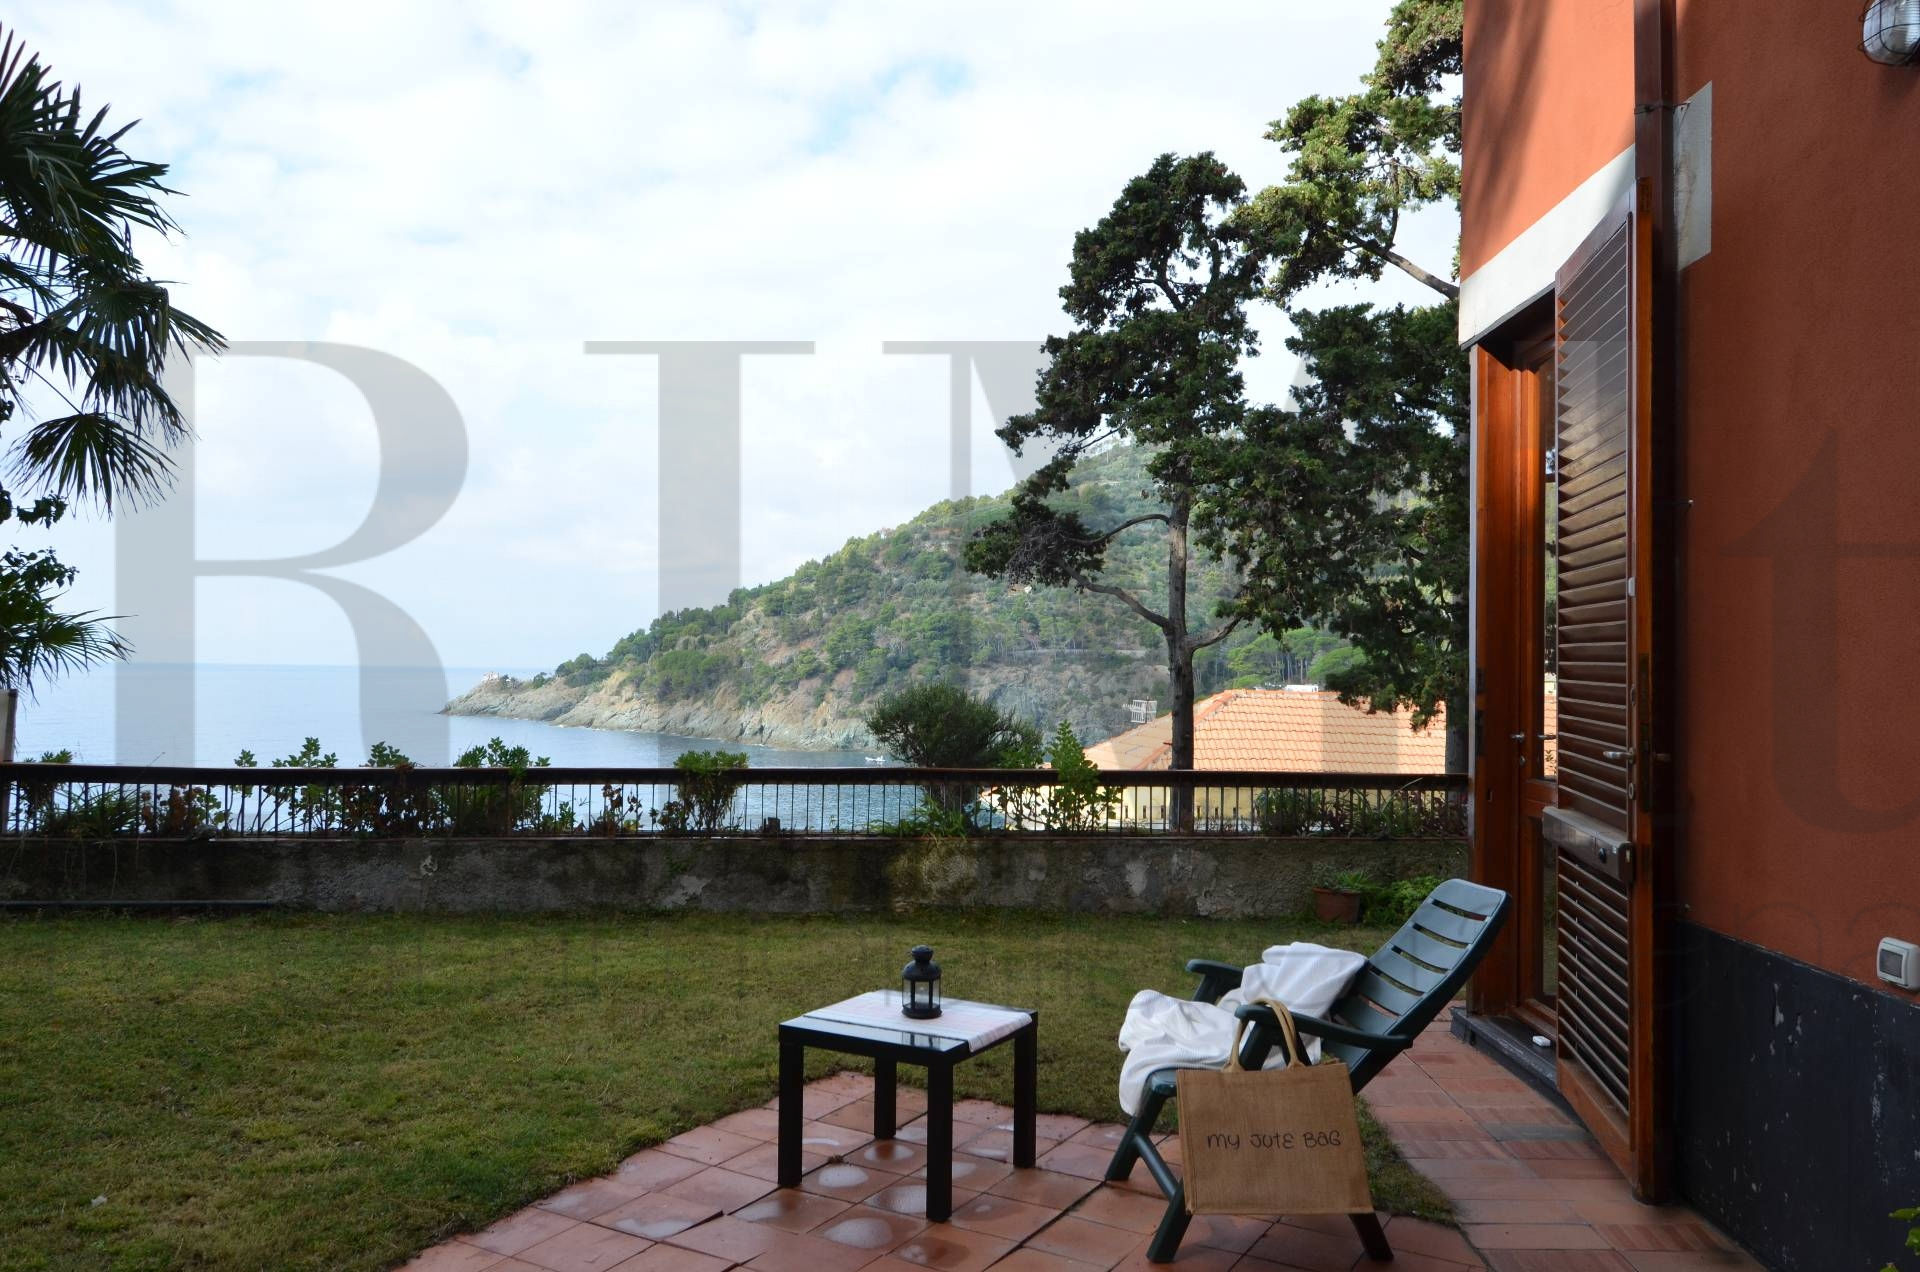 Appartamento in vendita a Bonassola, 4 locali, prezzo € 600.000 | CambioCasa.it